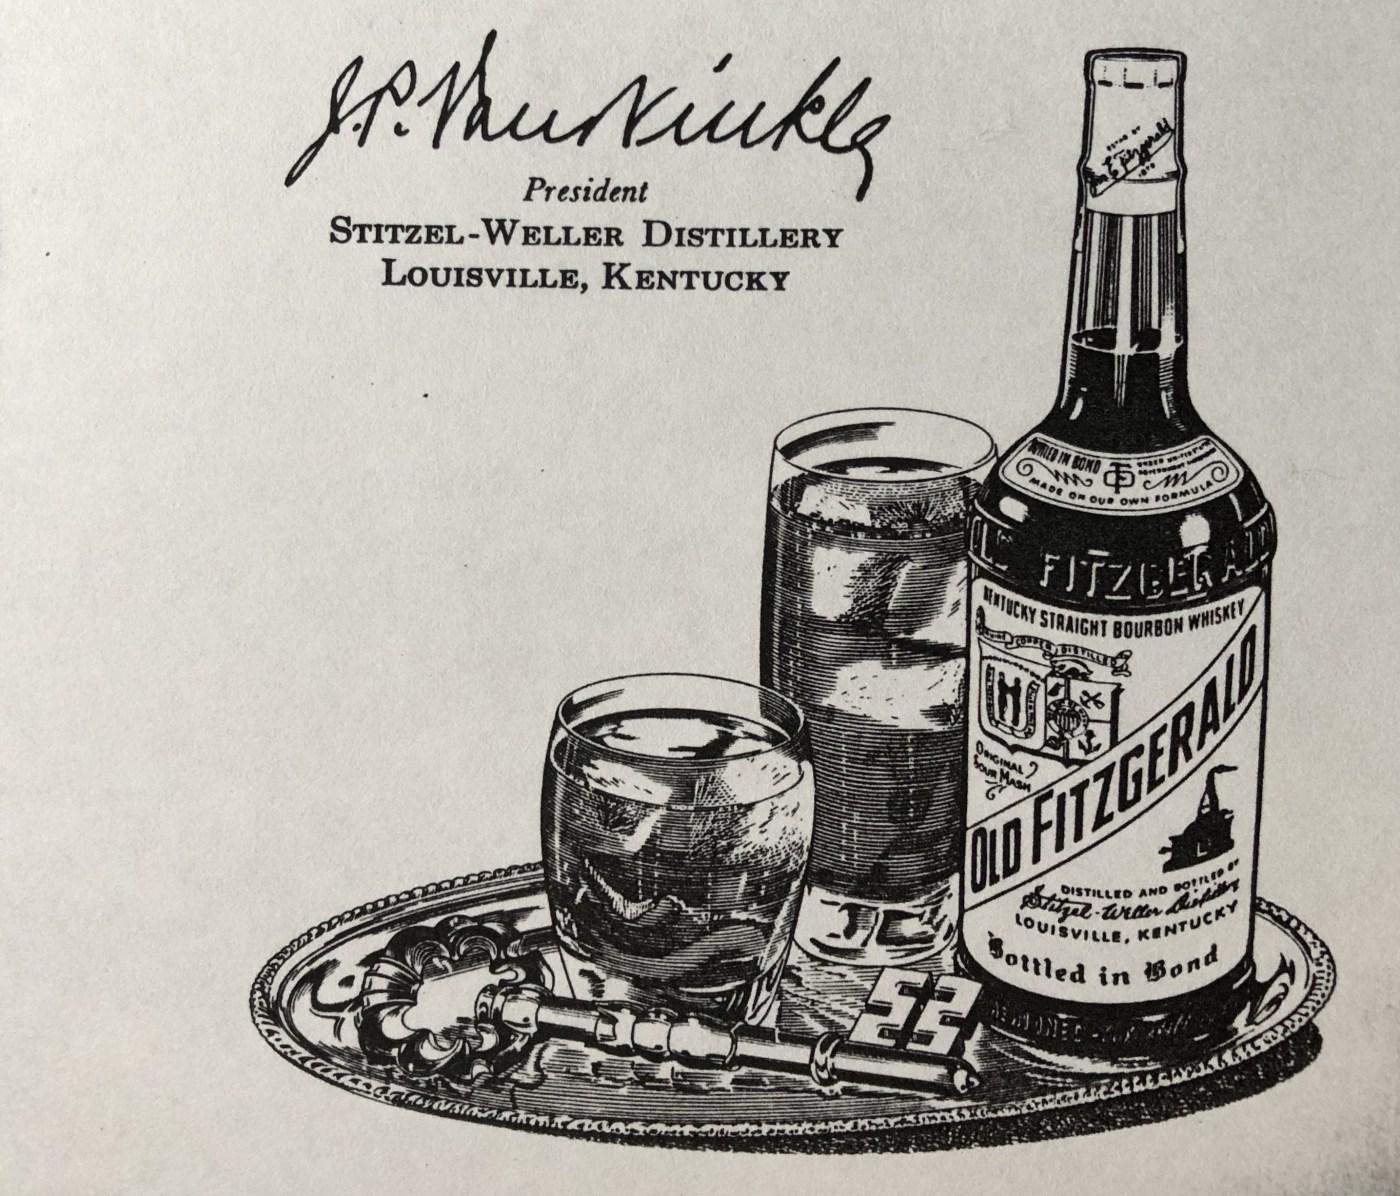 Old Fitzgerald sour mash